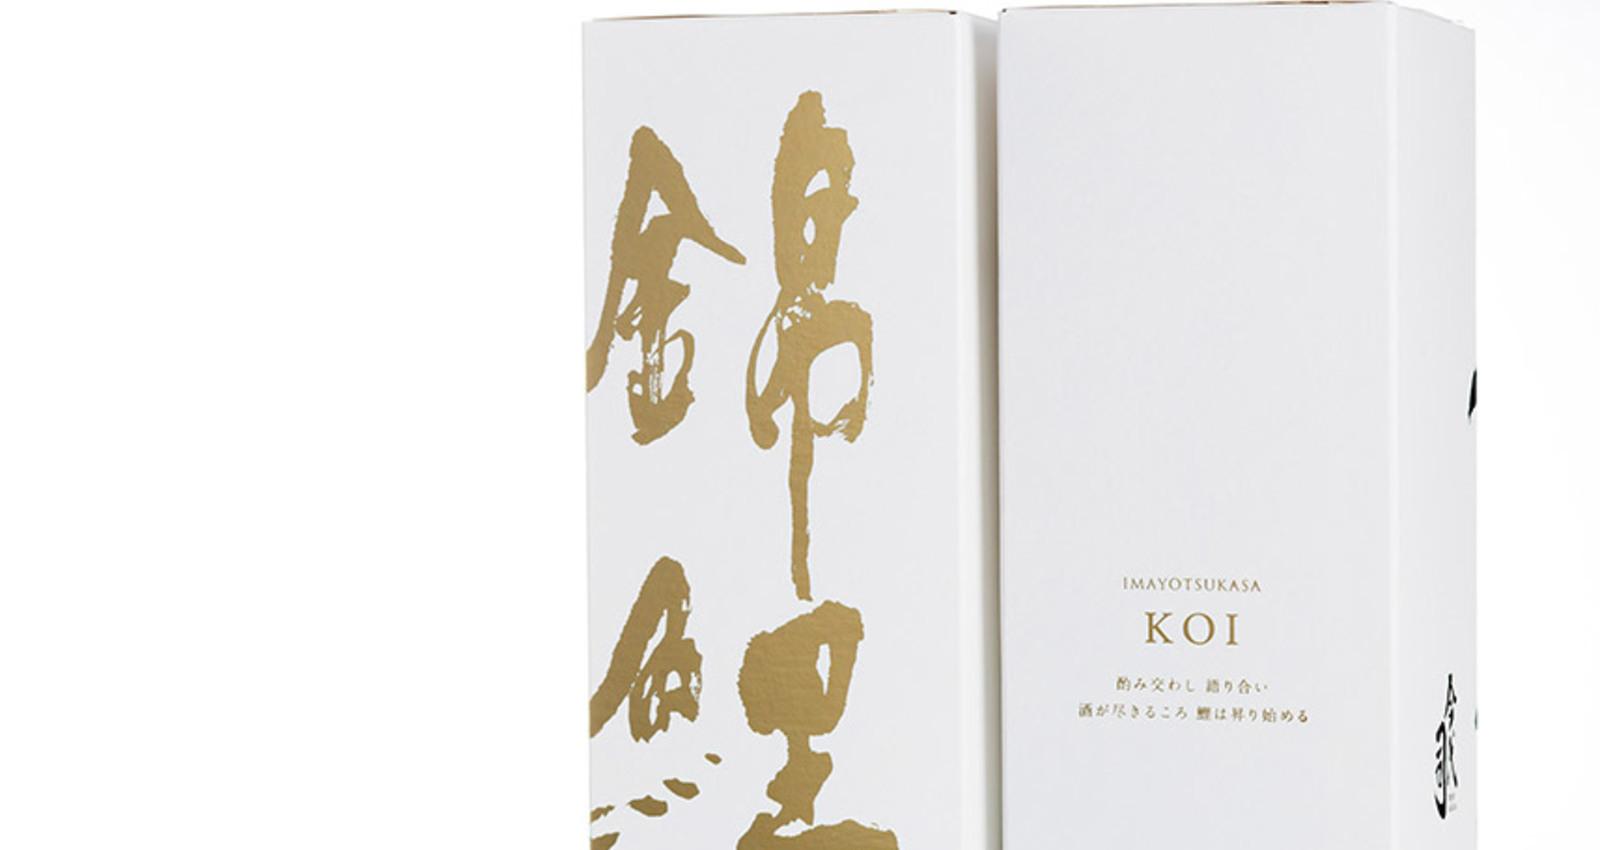 Japanese Sake KOI